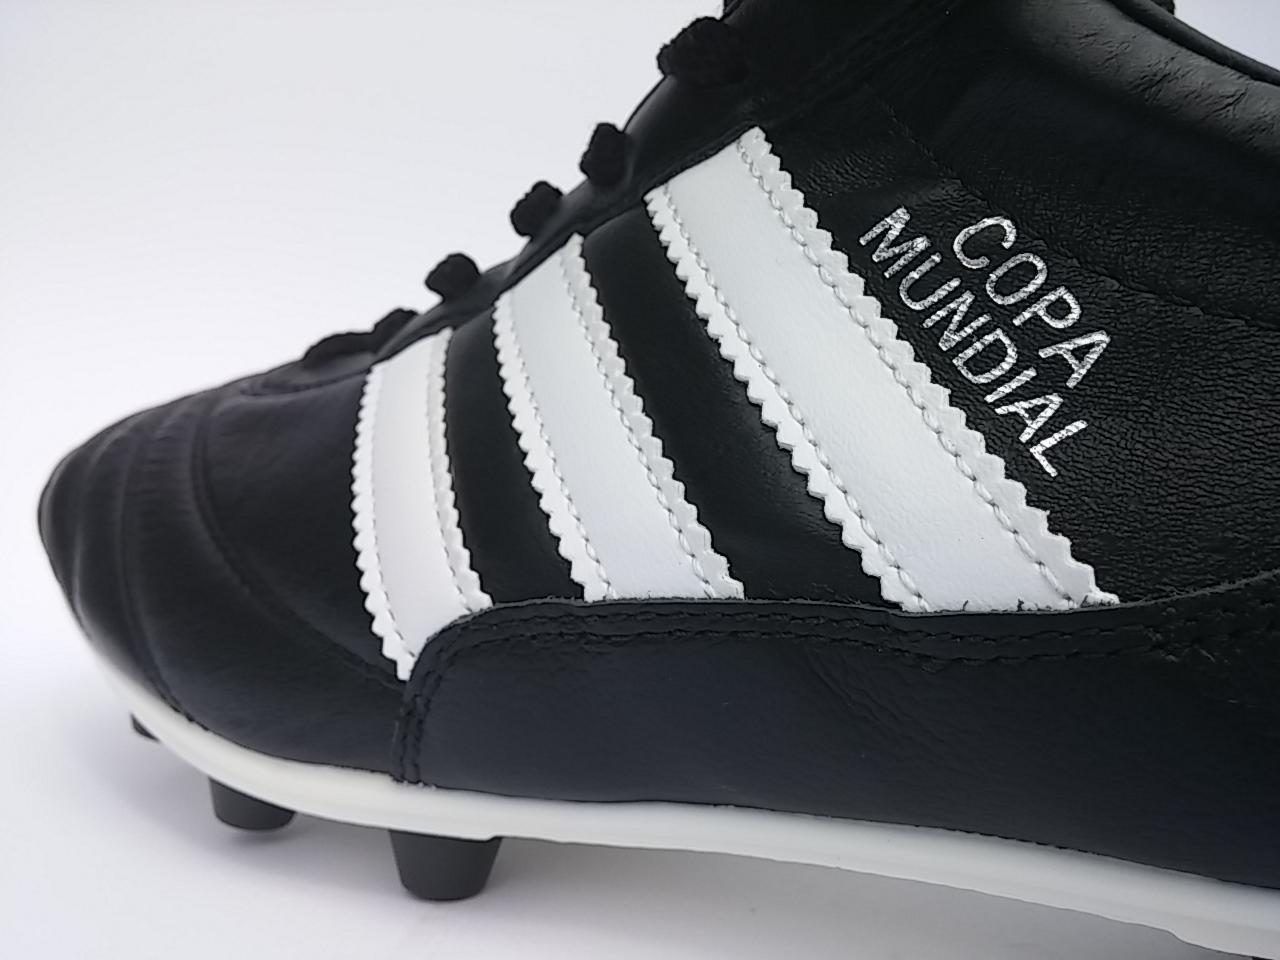 adidas beckenbauer kopacky